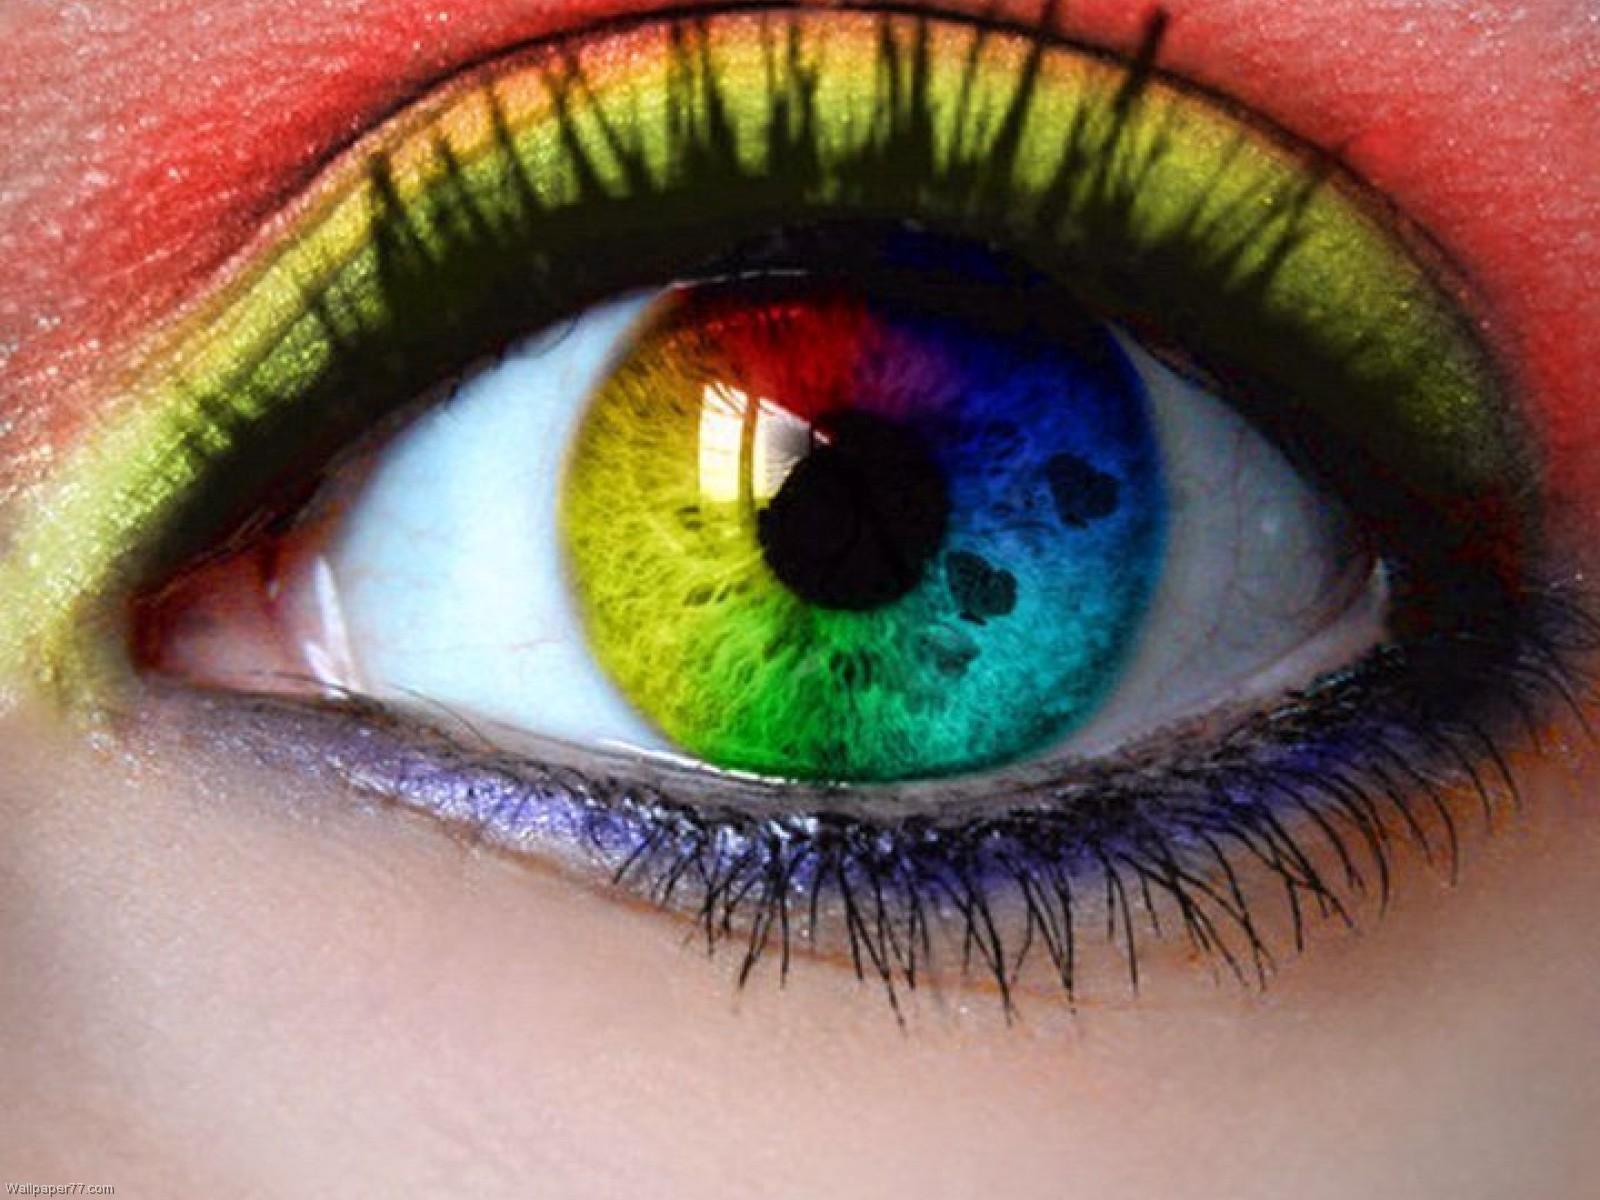 LGBT 1600x1200 pixels Wallpapers tagged LGBT 1600x1200